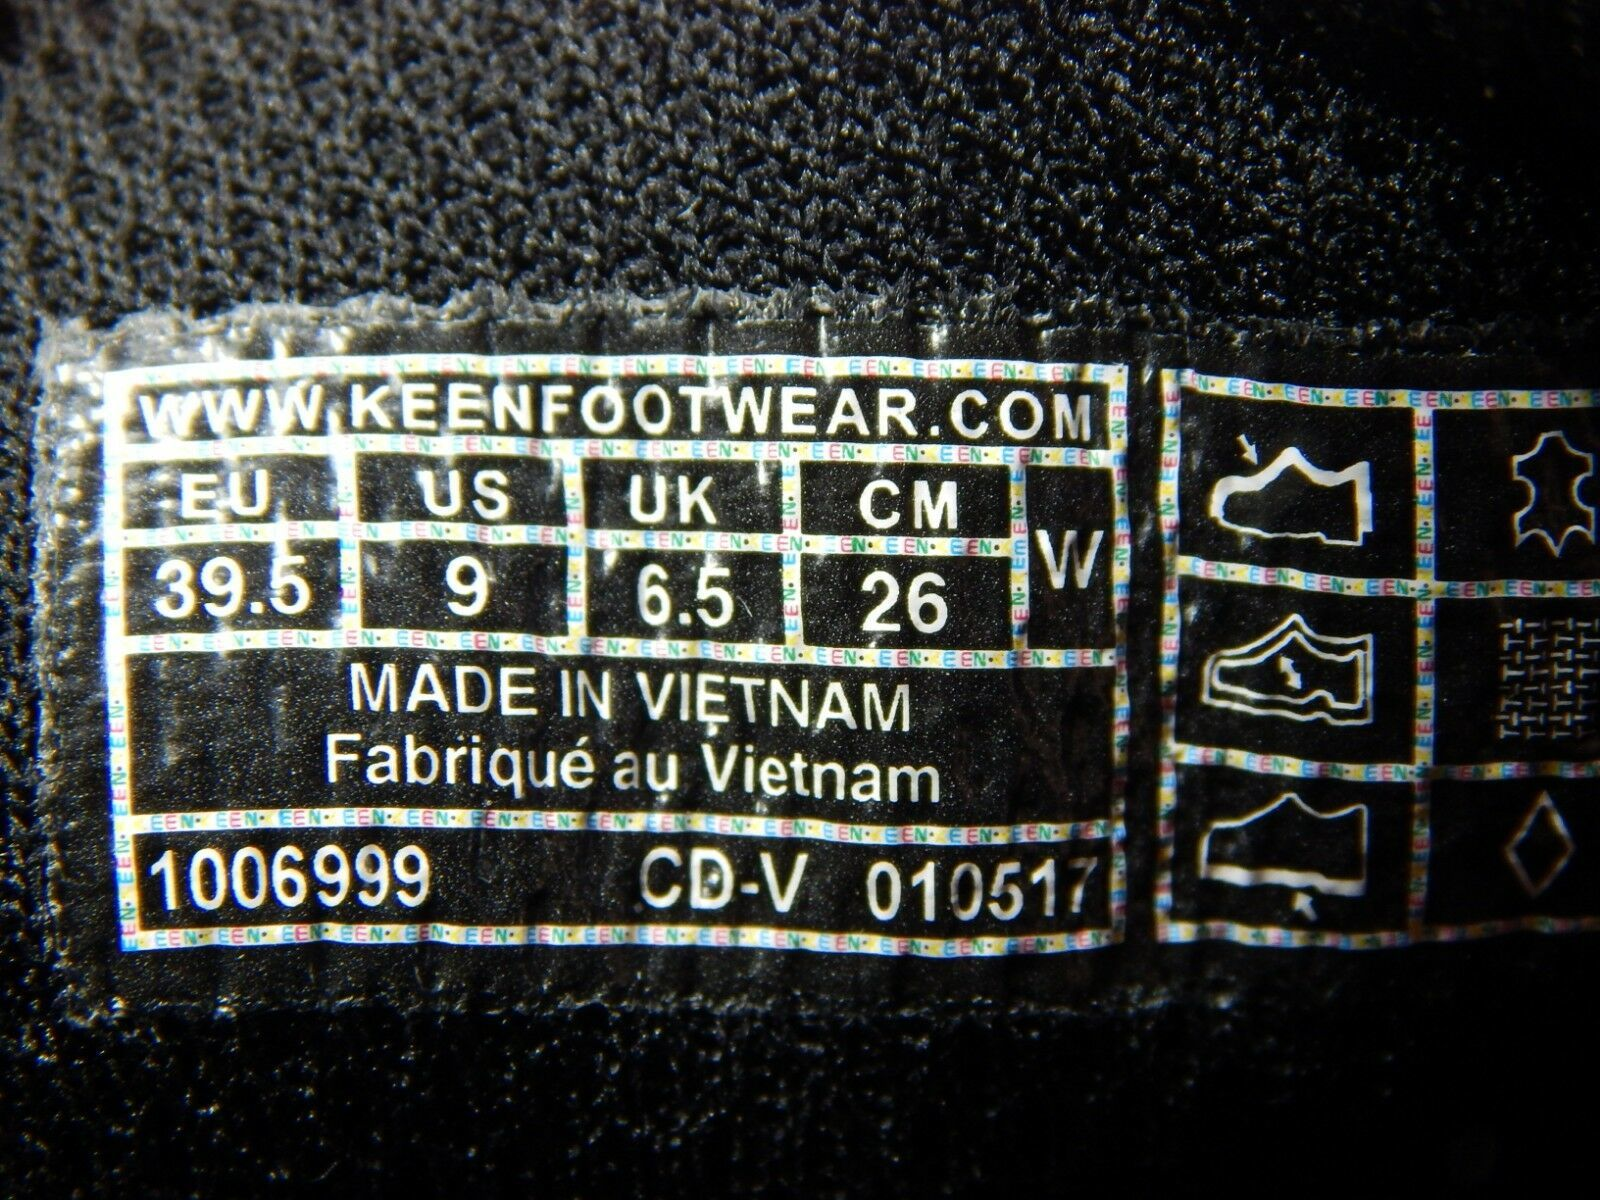 Keen Ptc Oxford Taglia USA 9 M (B) Eu 39.5 Donna con Lacci Scarpe da Lavoro Nero